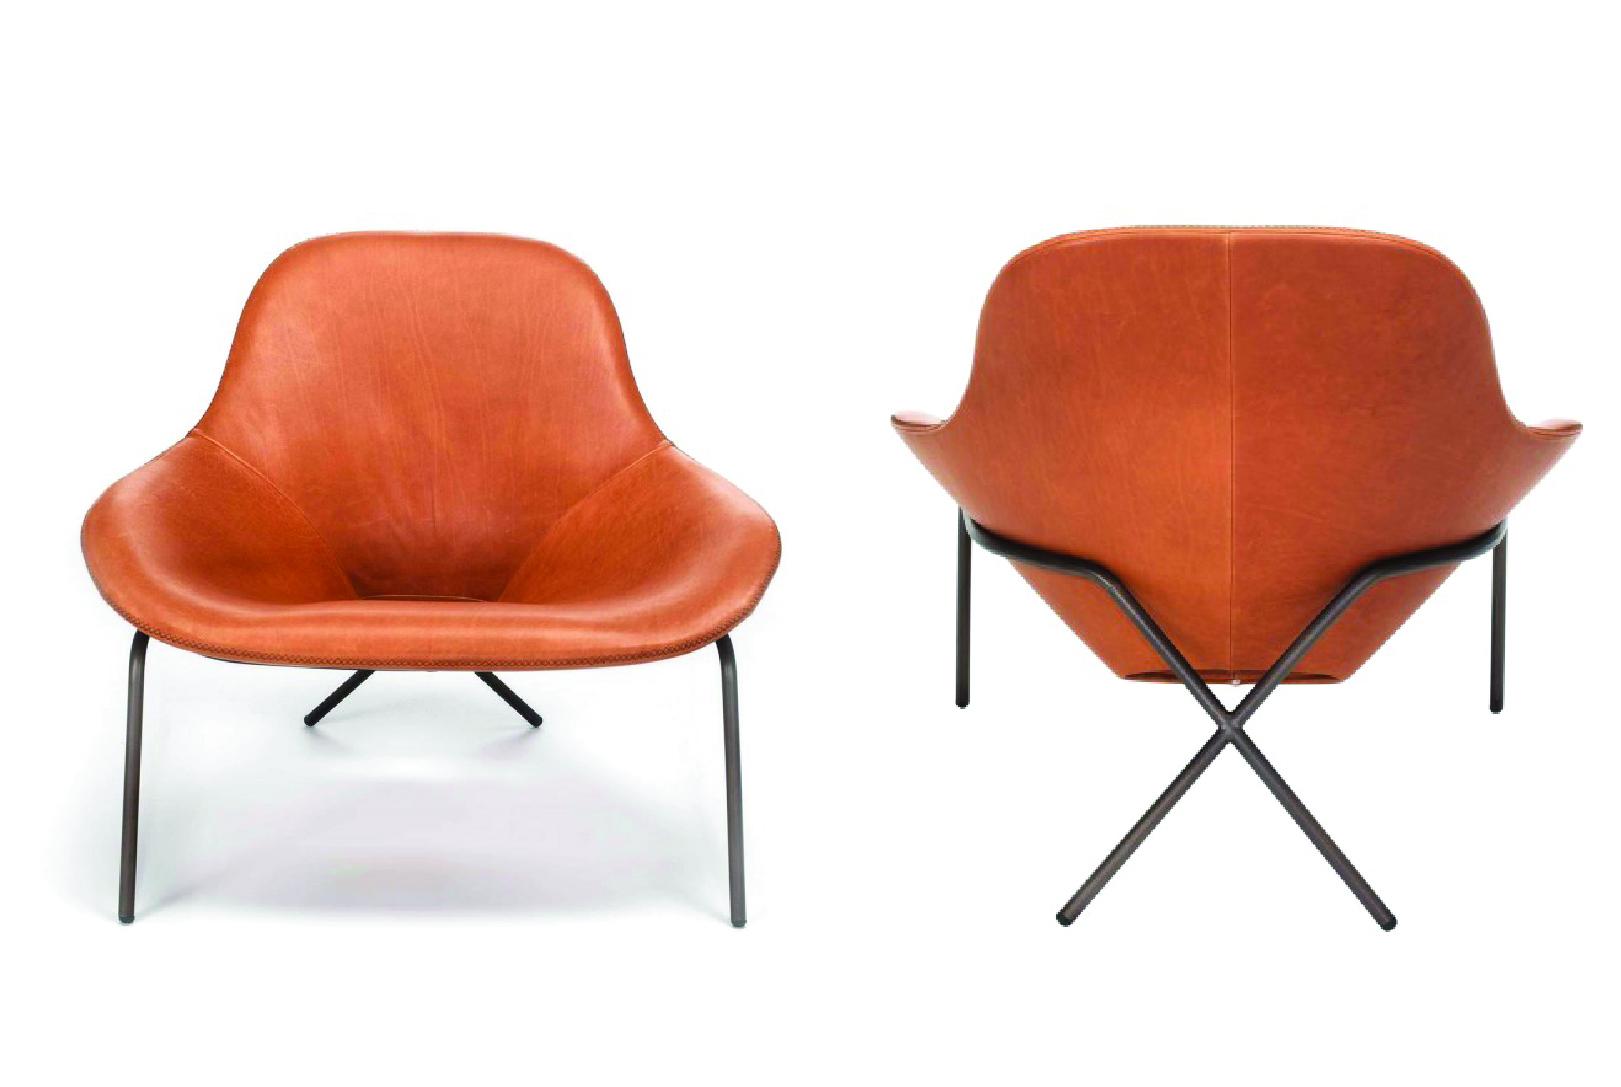 Leren Fauteuil Design.4 Keer De Leren Design Stoel Inspiraties Showhome Nl